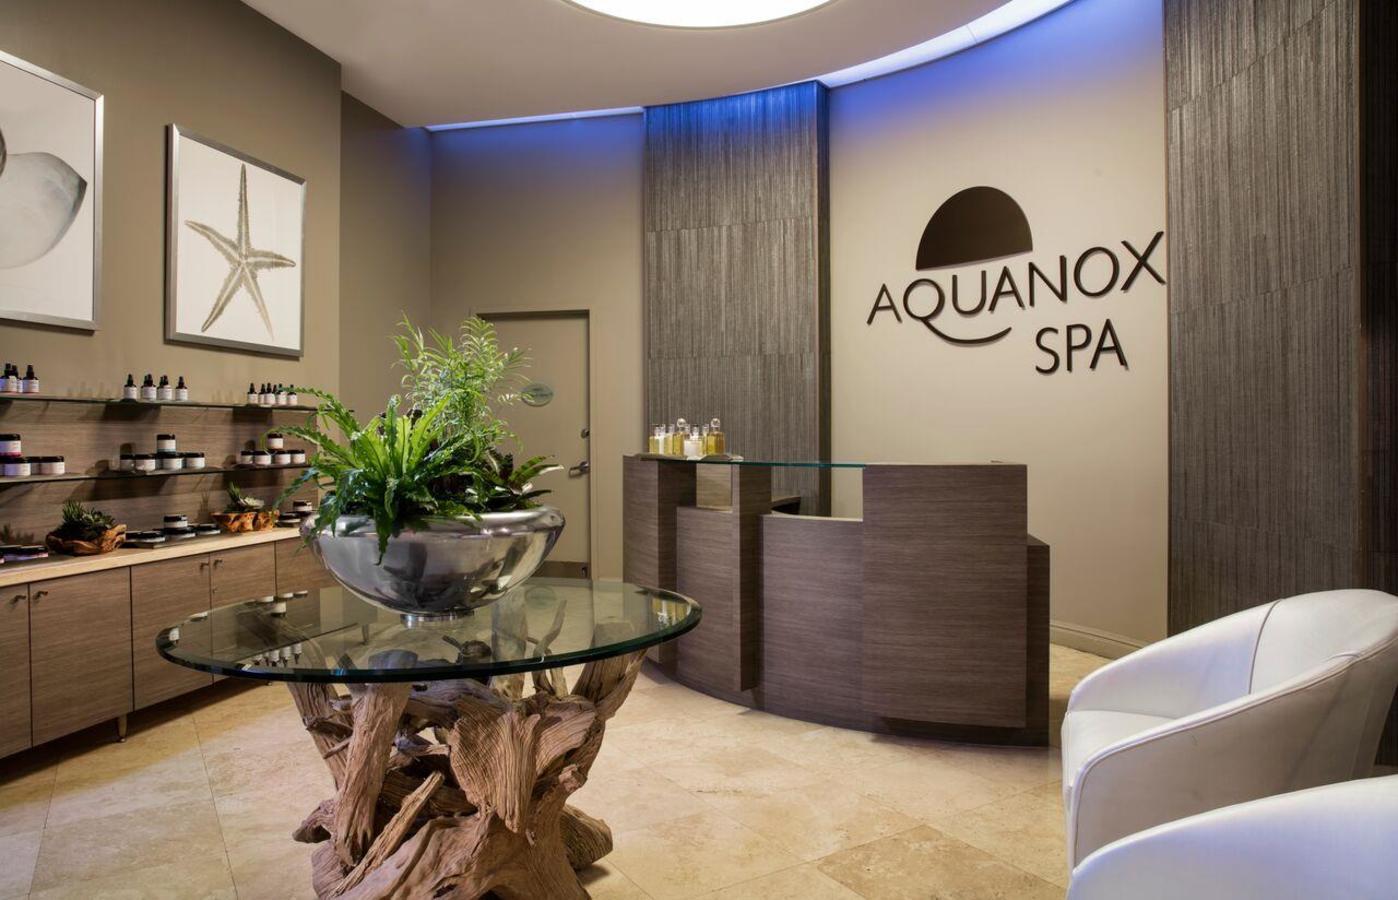 Aquanox Spa Lobby